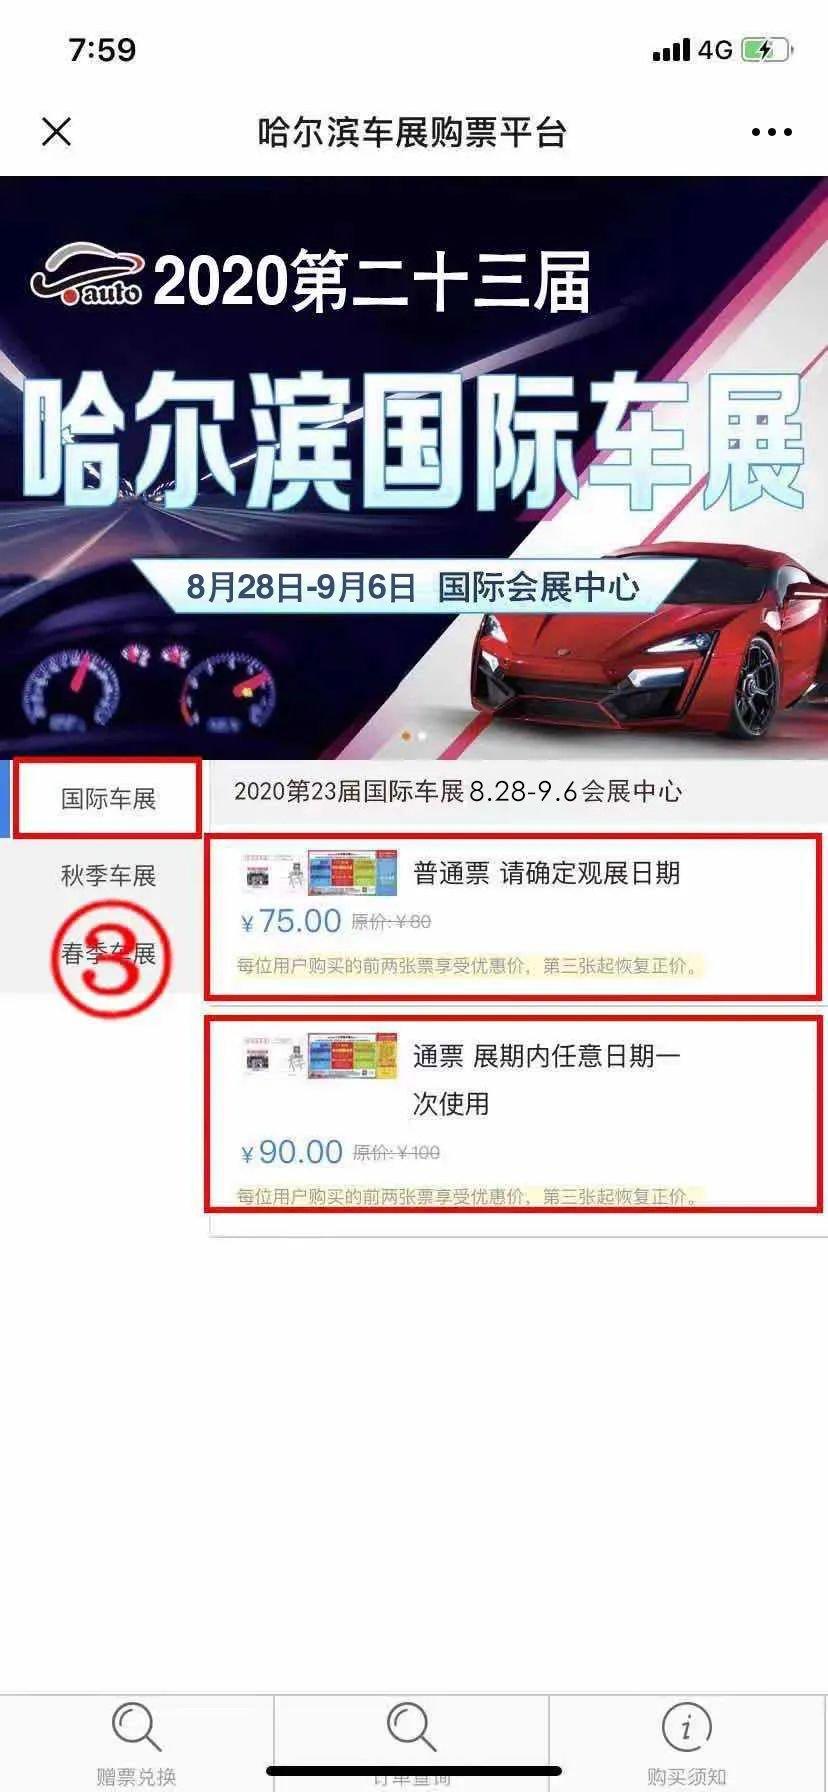 2020哈尔滨国际车展网上购票还要取票吗?